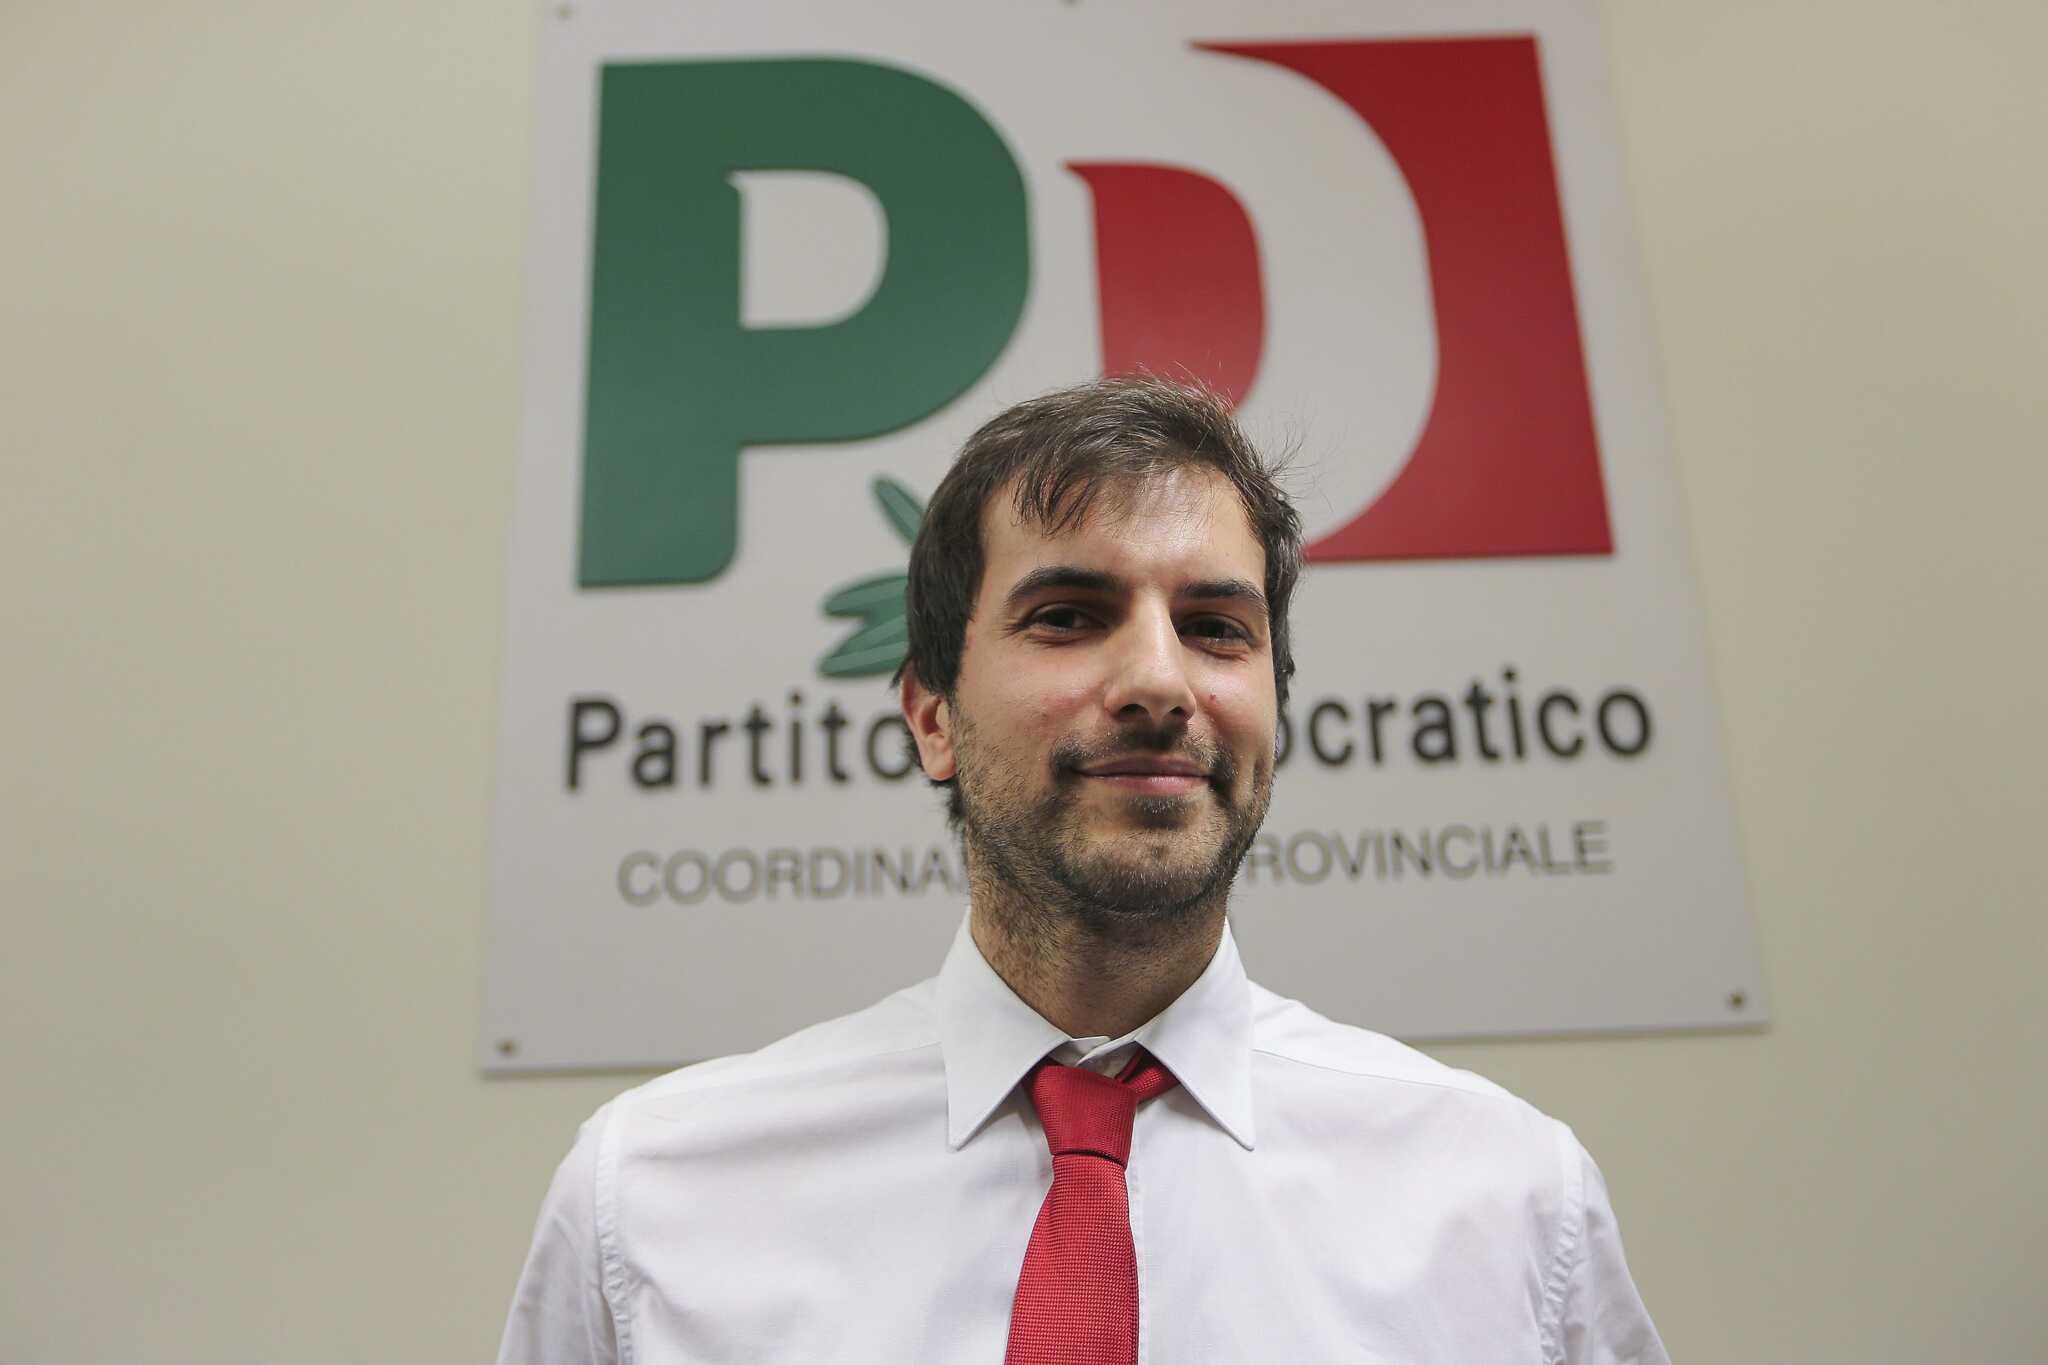 sarracino pd